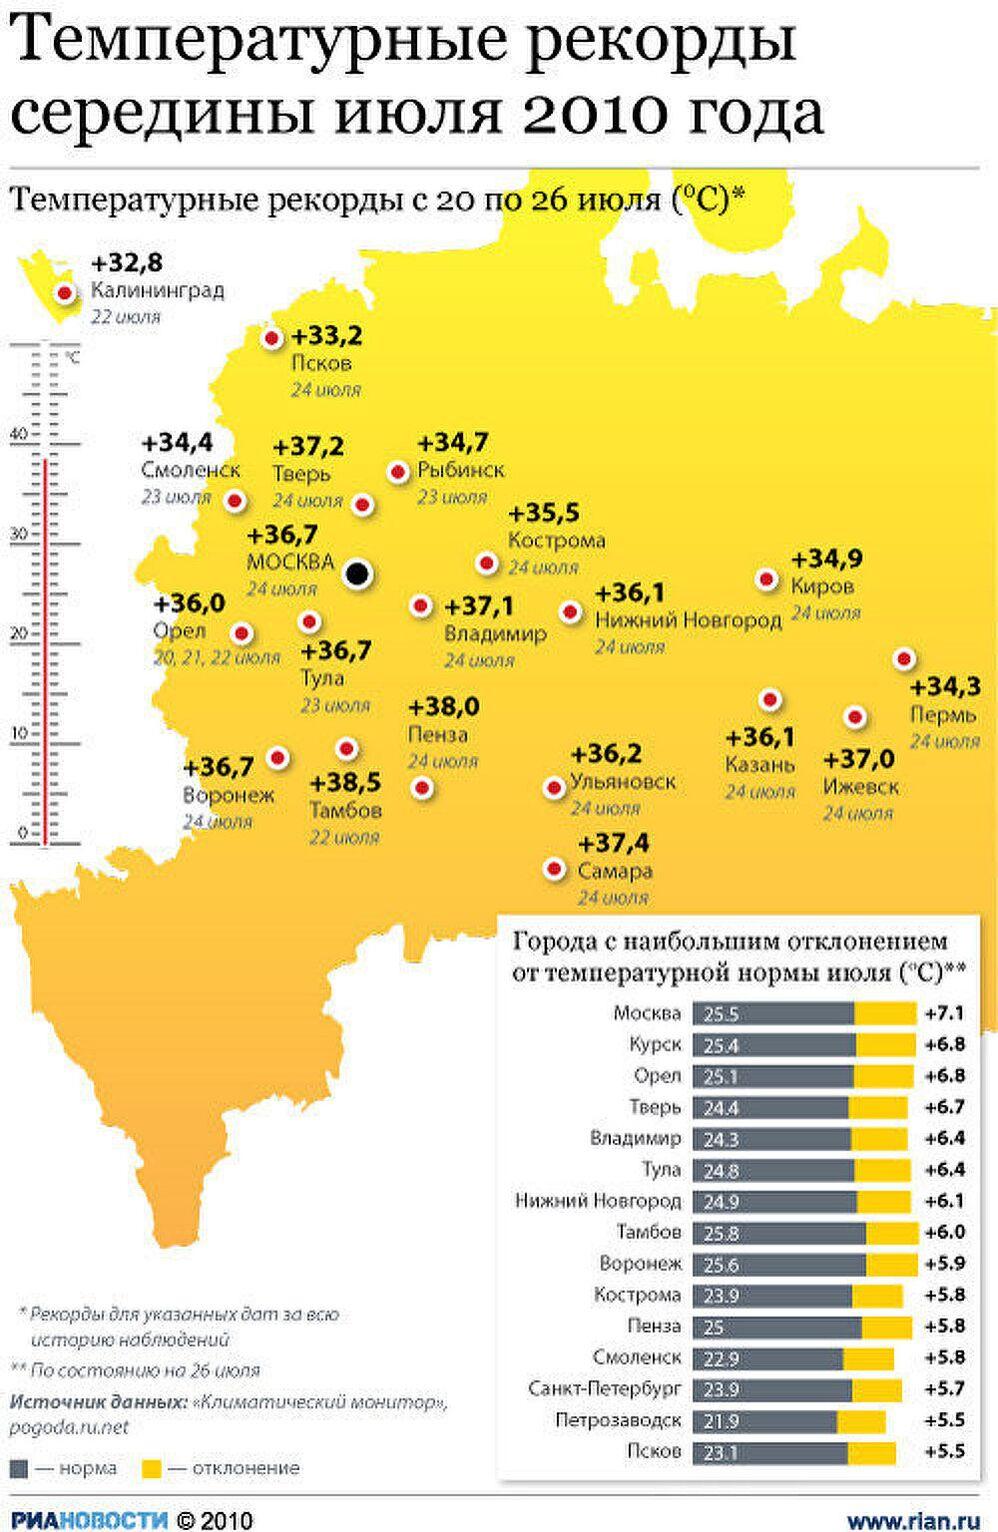 Температурные рекорды середины июля 2010 года